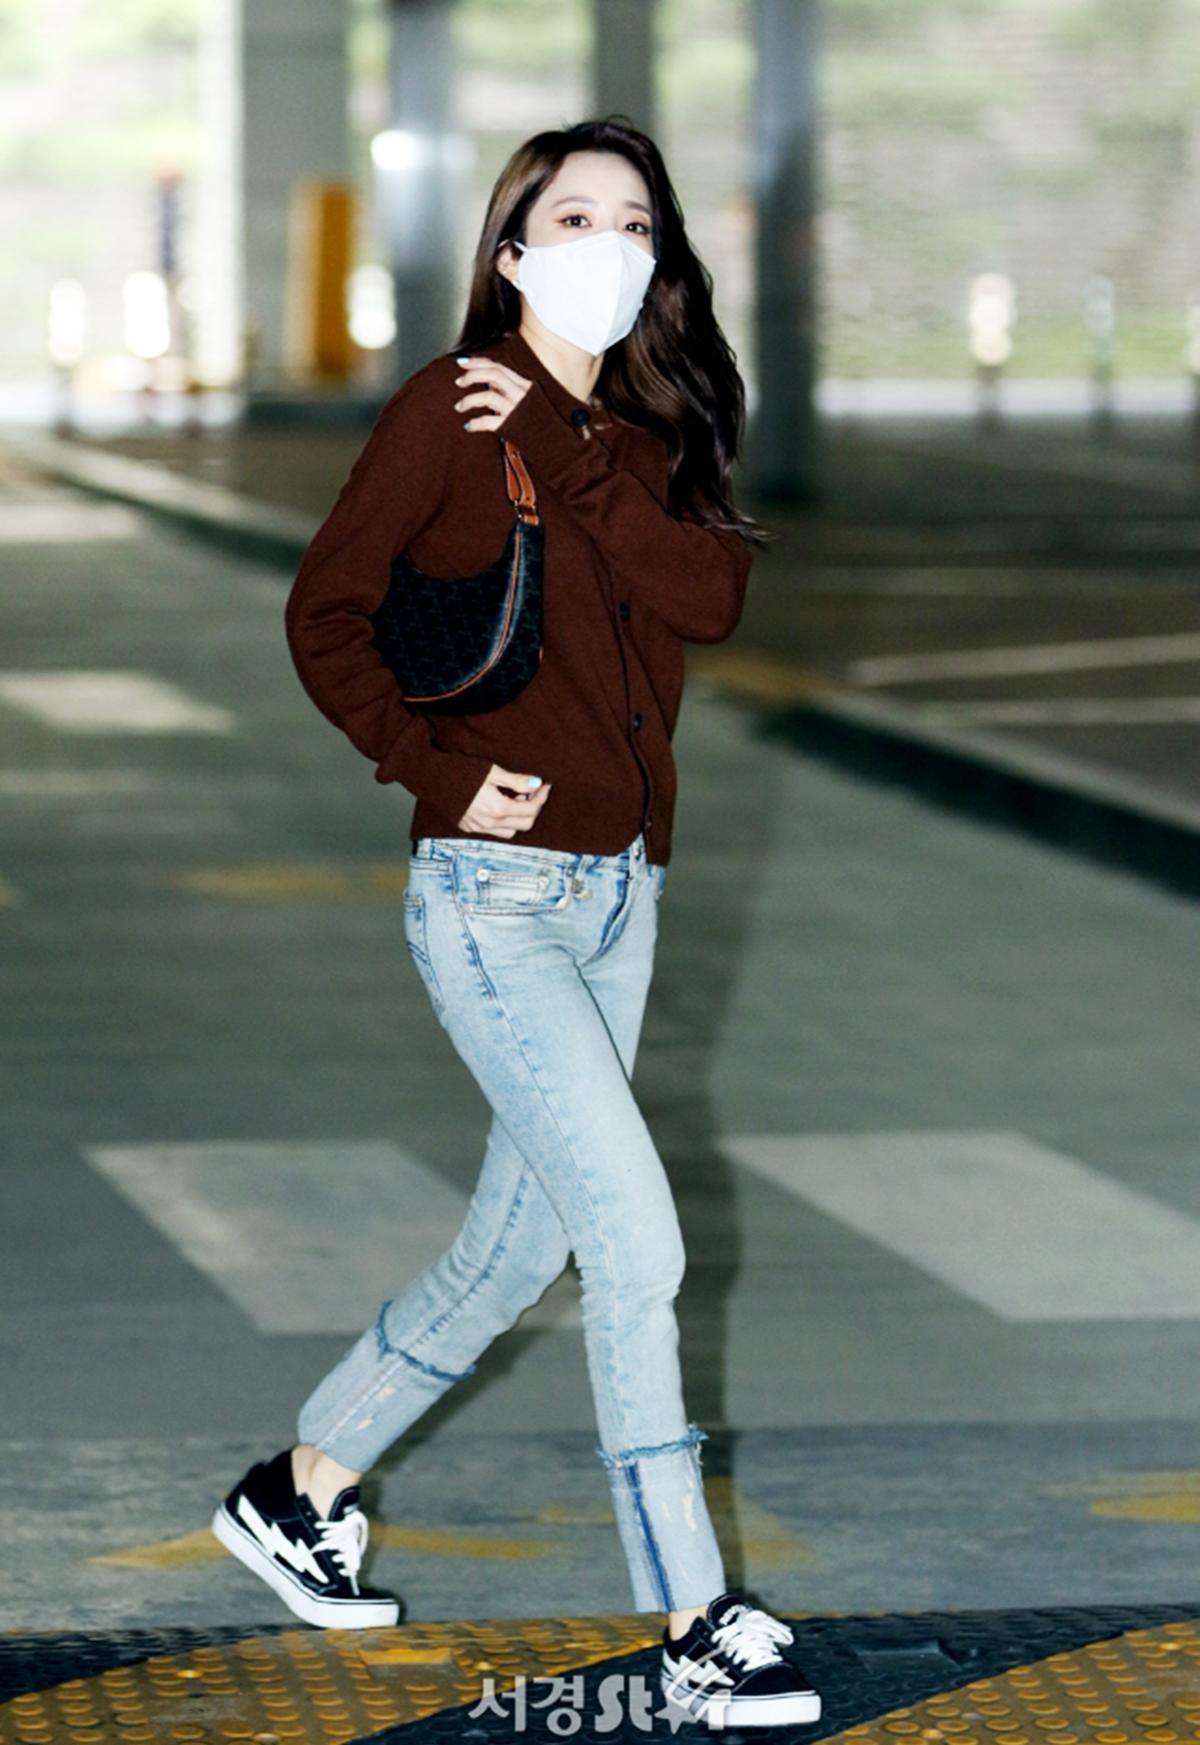 Cuối tháng 5, ca sĩ Sandara Park đi quay show với set đồ cá tính nhưng cổ điển gồm: túi Ava Celine, quần jean xắn gấu, áo cardigan của thương hiệu Acne studios và giày thể thao  Vans Revenge X Storm Old Skoo.